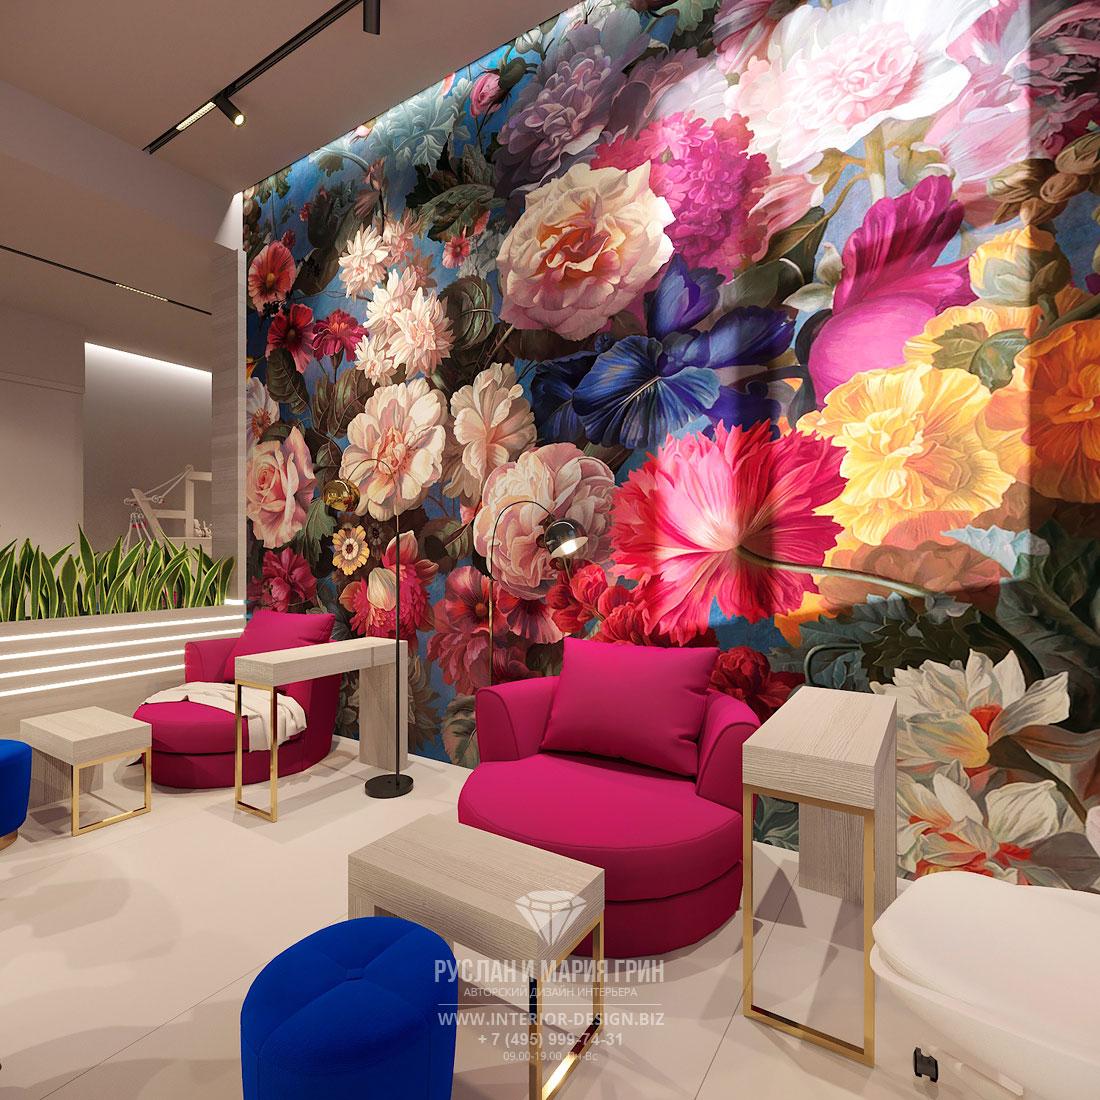 Дизайн интерьера педикюрной зоны в салоне красоты